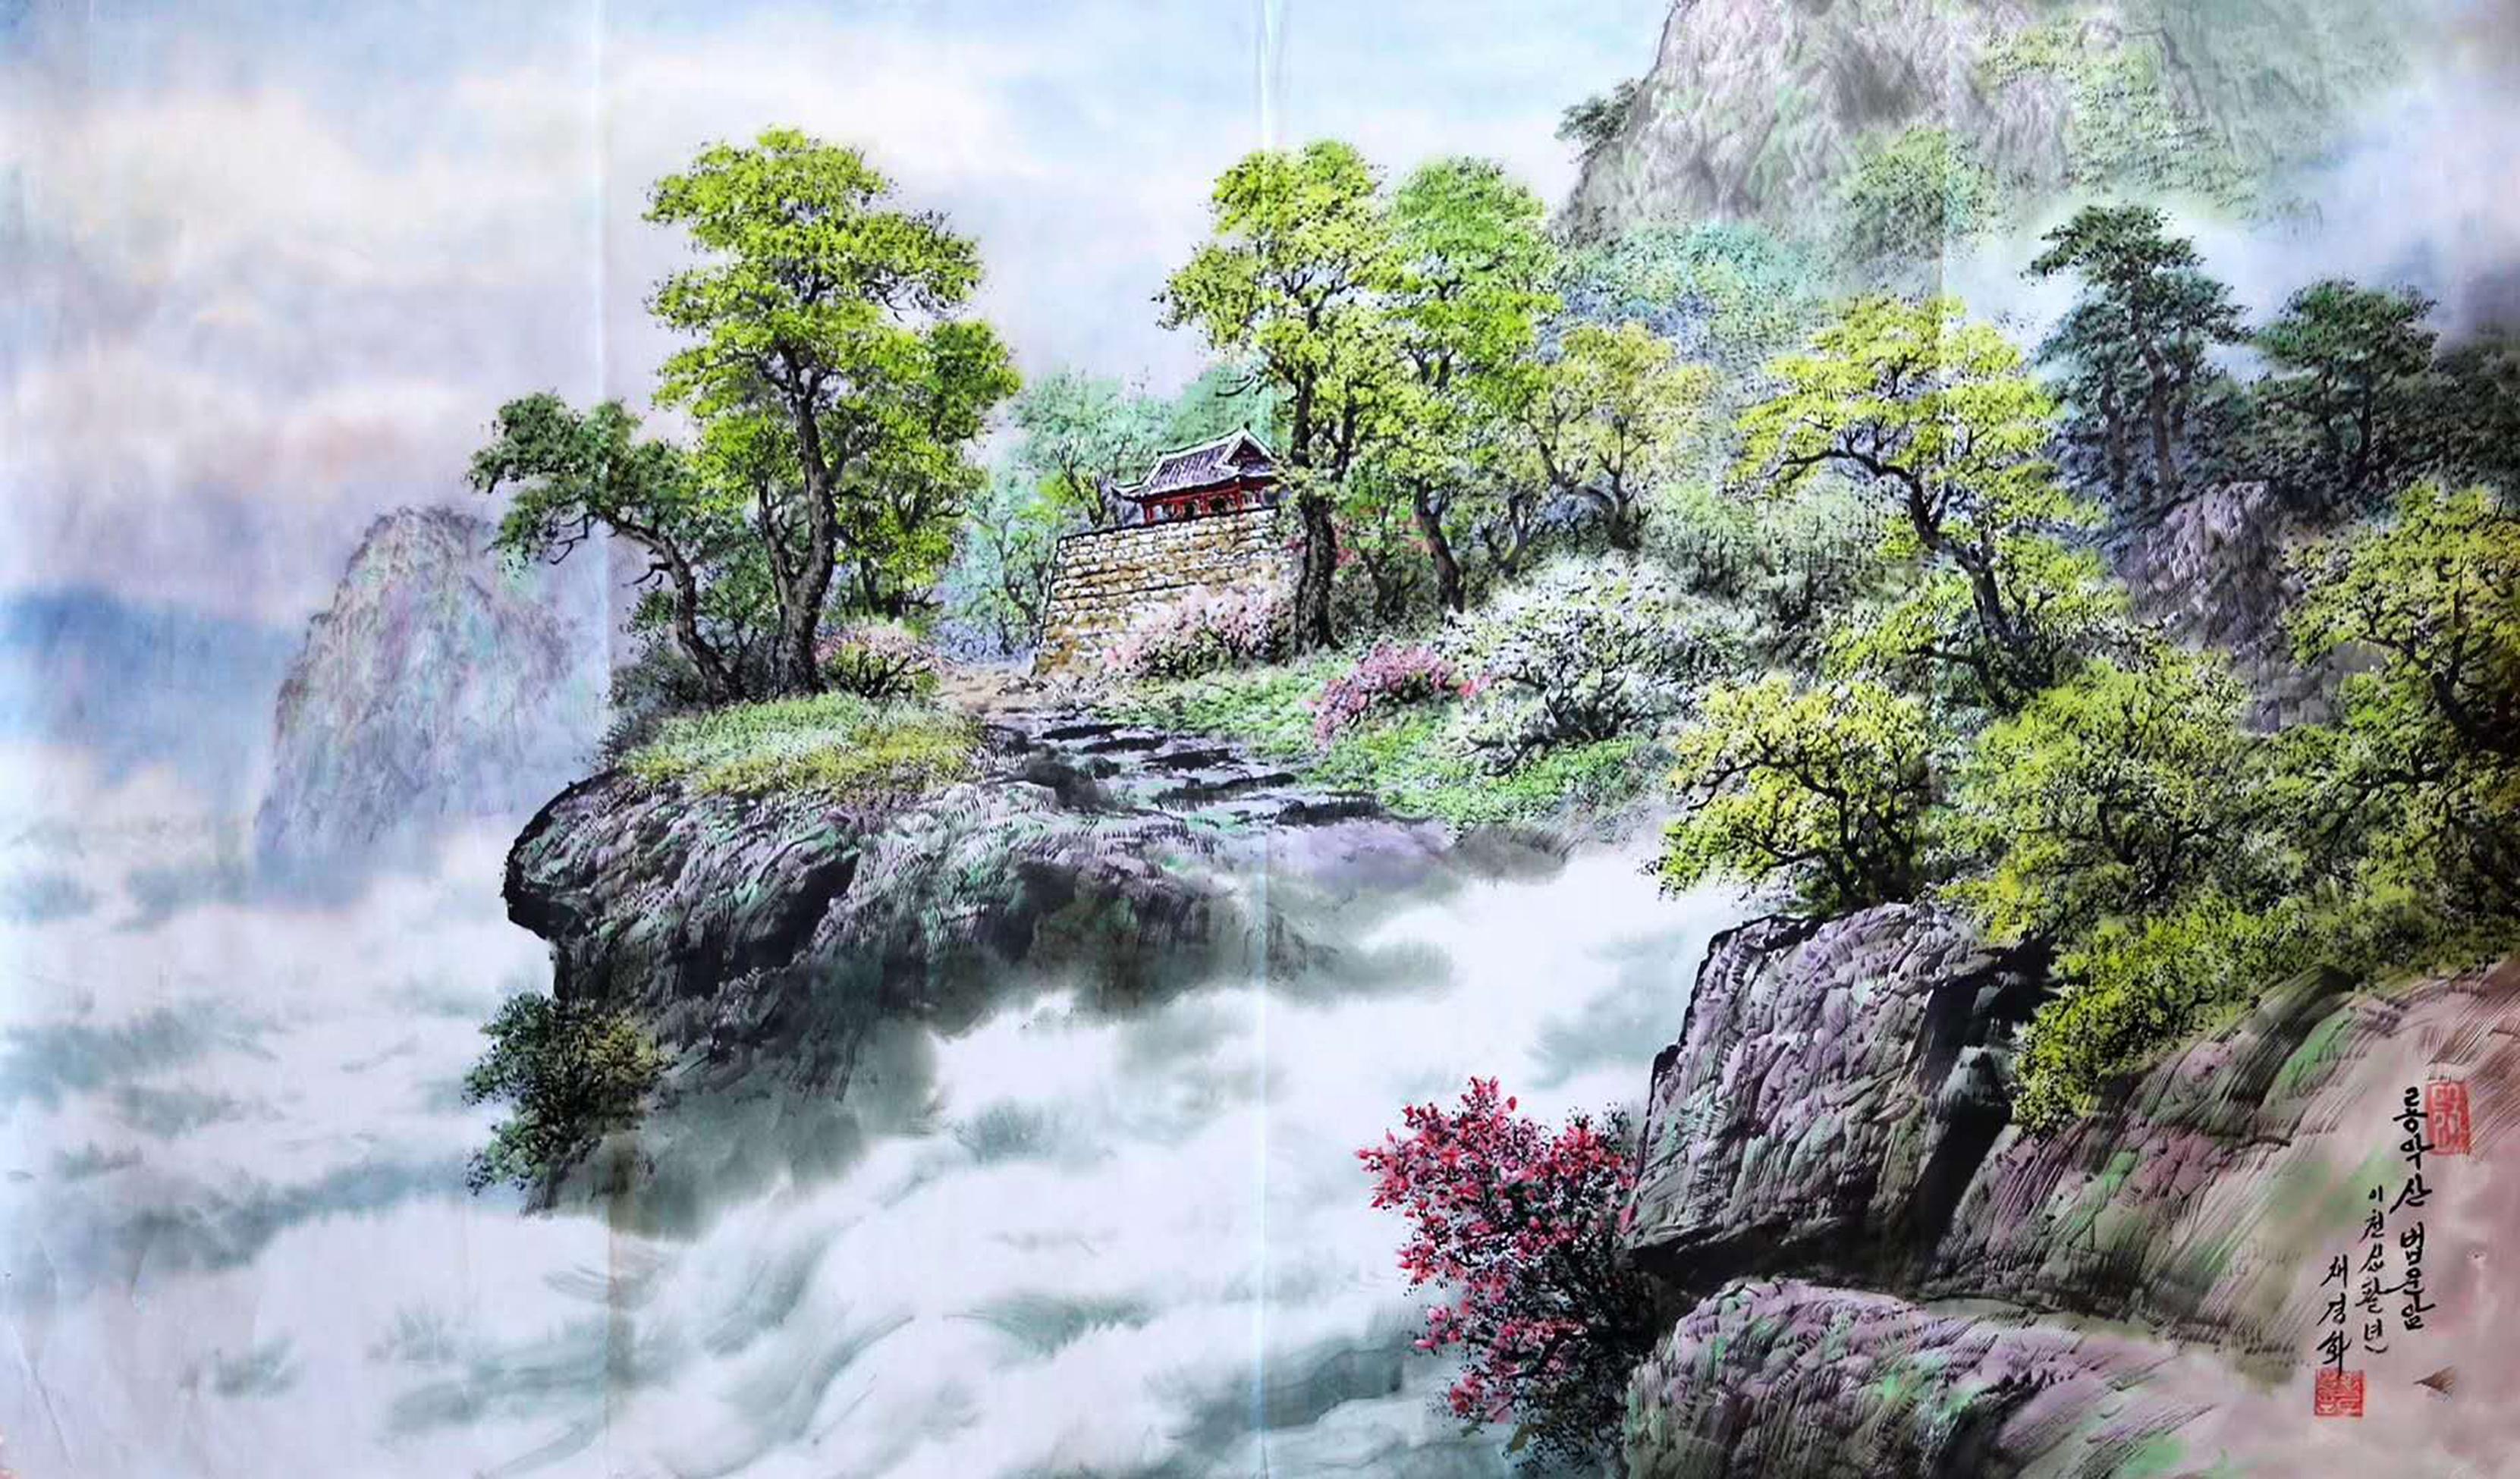 山水画:龙岳山法云寺,境幽禅意彩墨画